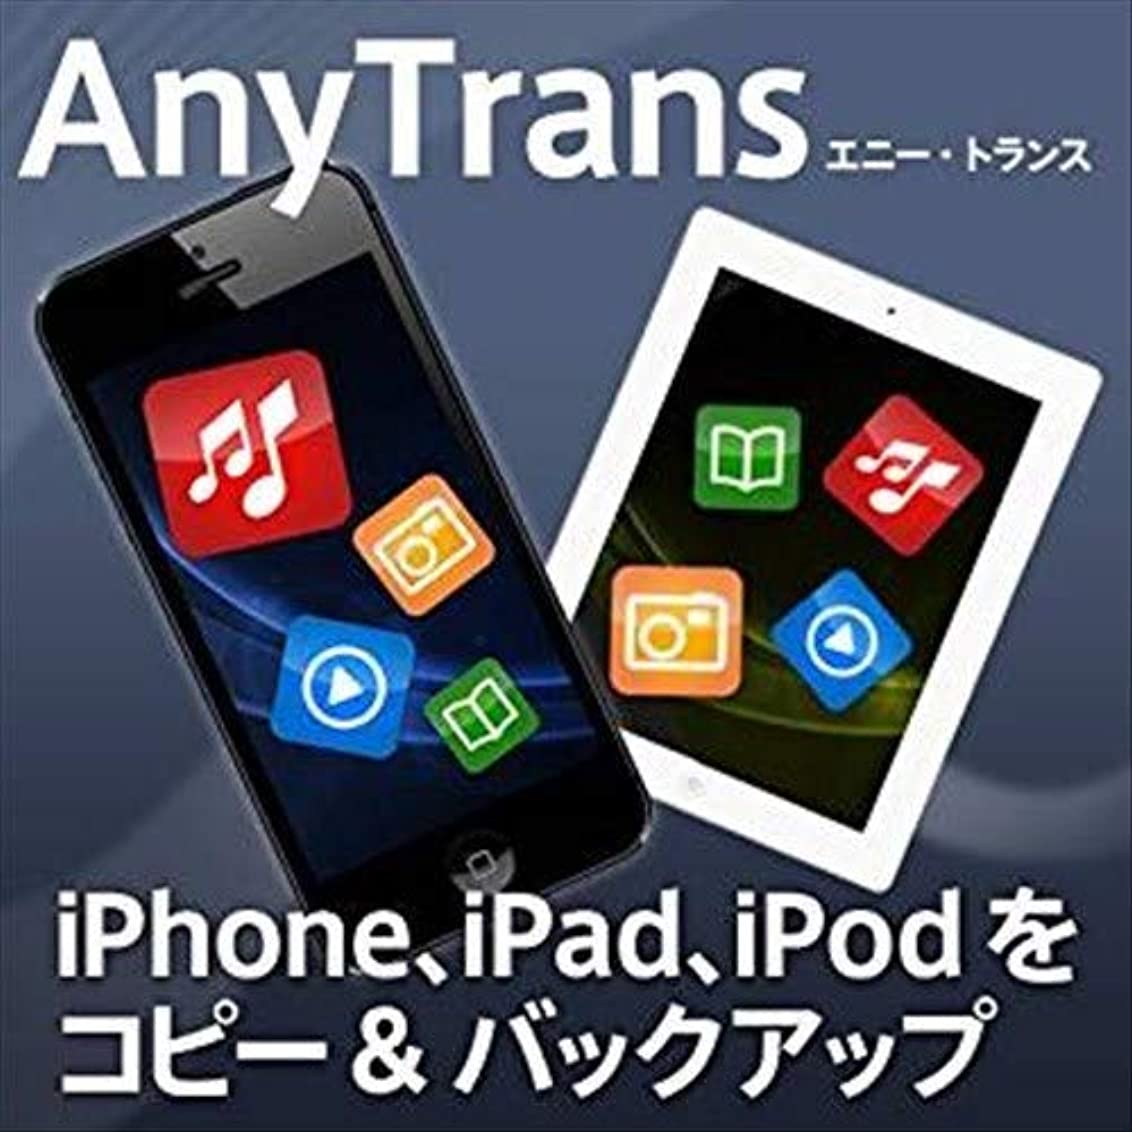 騒意味競争【体験版】 AnyTrans 7 for Win 【iPhoneとパソコンの間で音楽、動画、写真を転送/iTunesで廃止された機能を補完/新機種へのデータ引っ越しに】